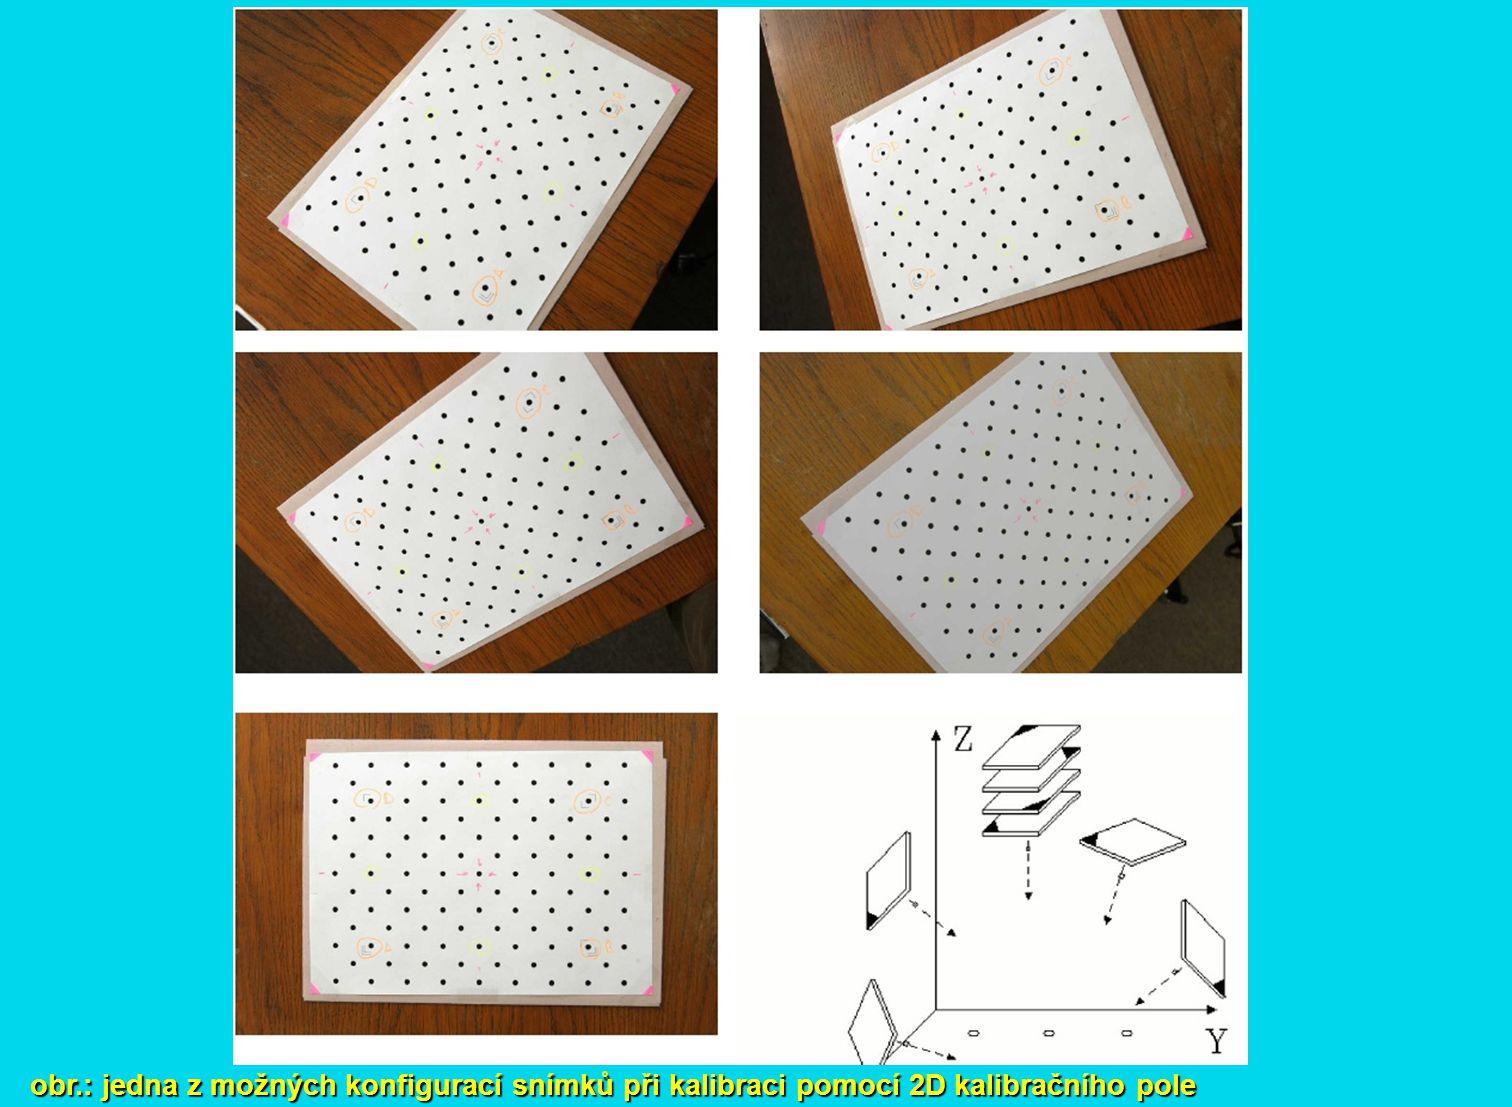 obr.: jedna z možných konfigurací snímků při kalibraci pomocí 2D kalibračního pole